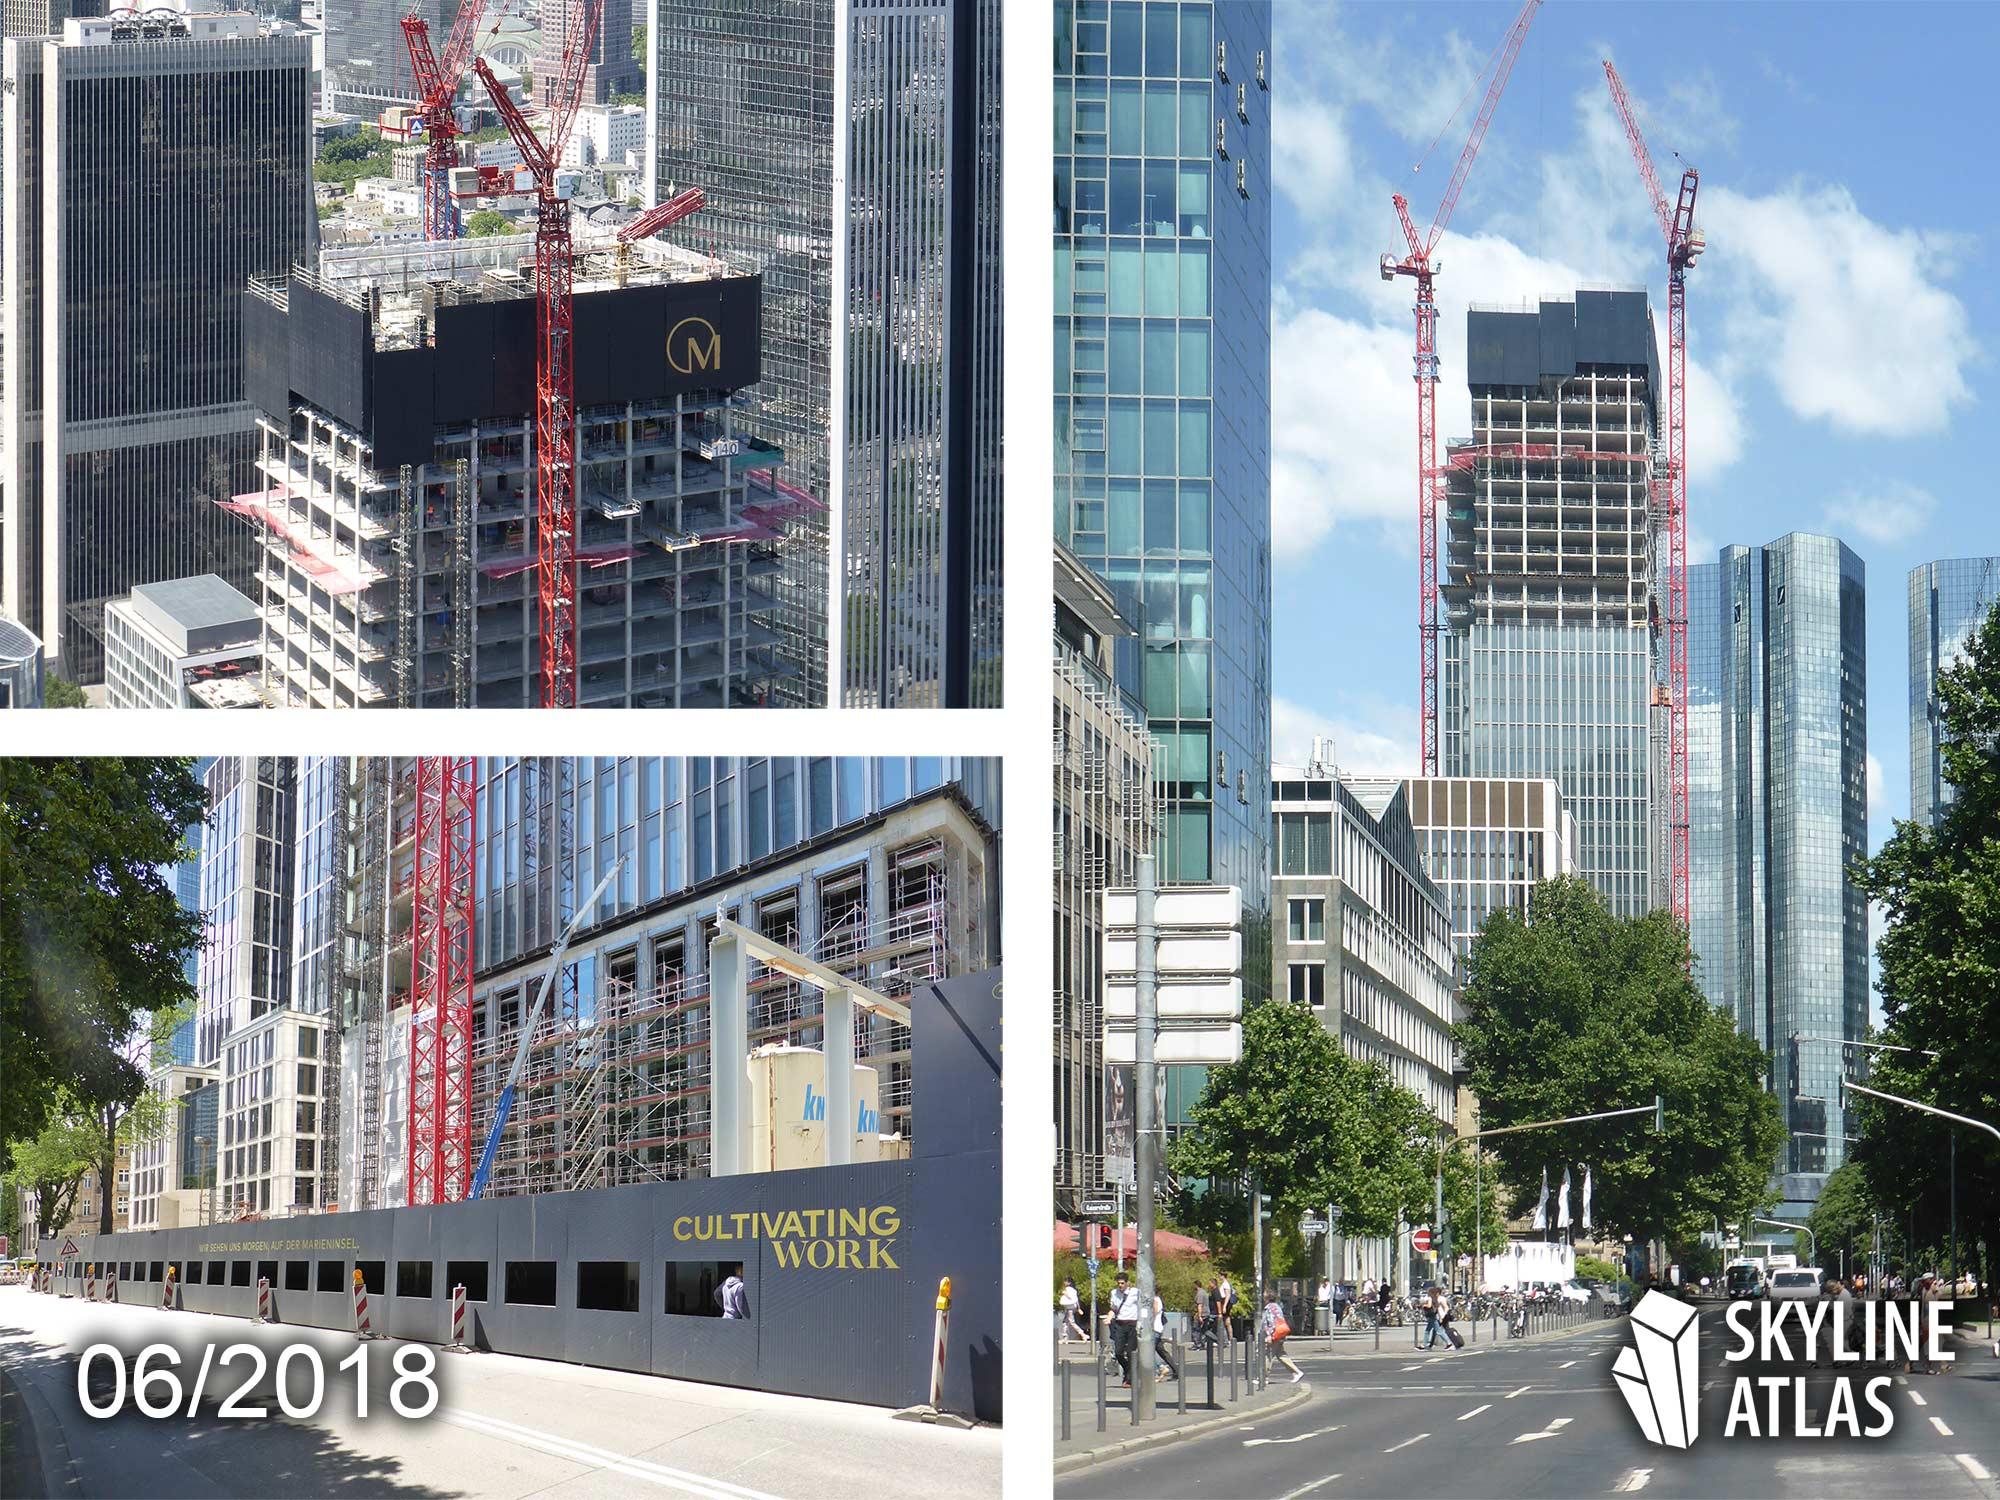 Marienturm in Frankfurt - June 2018 - skyscraper under construction - CBD